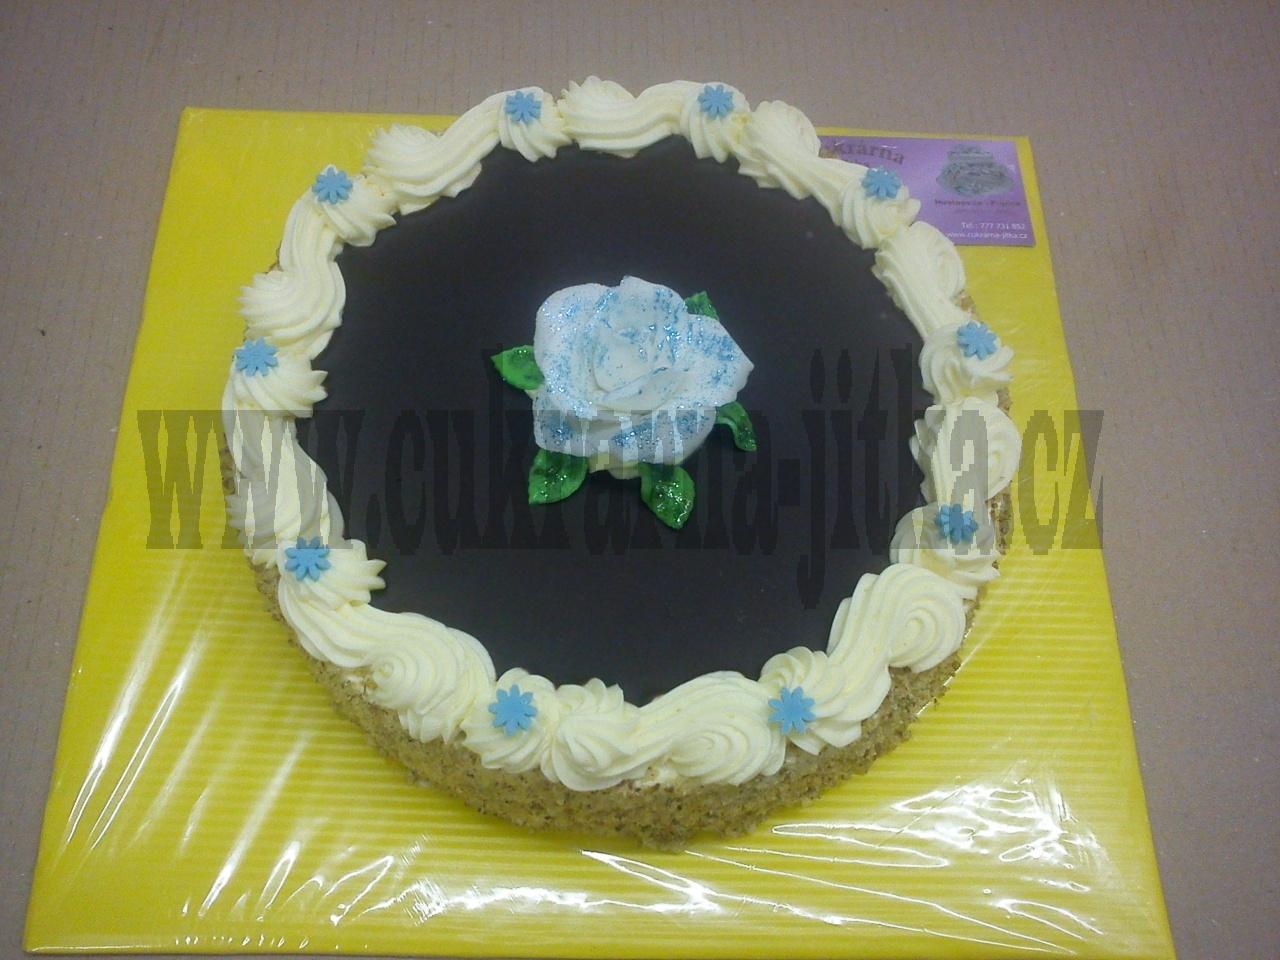 dort vrch čokoláda,velká růže